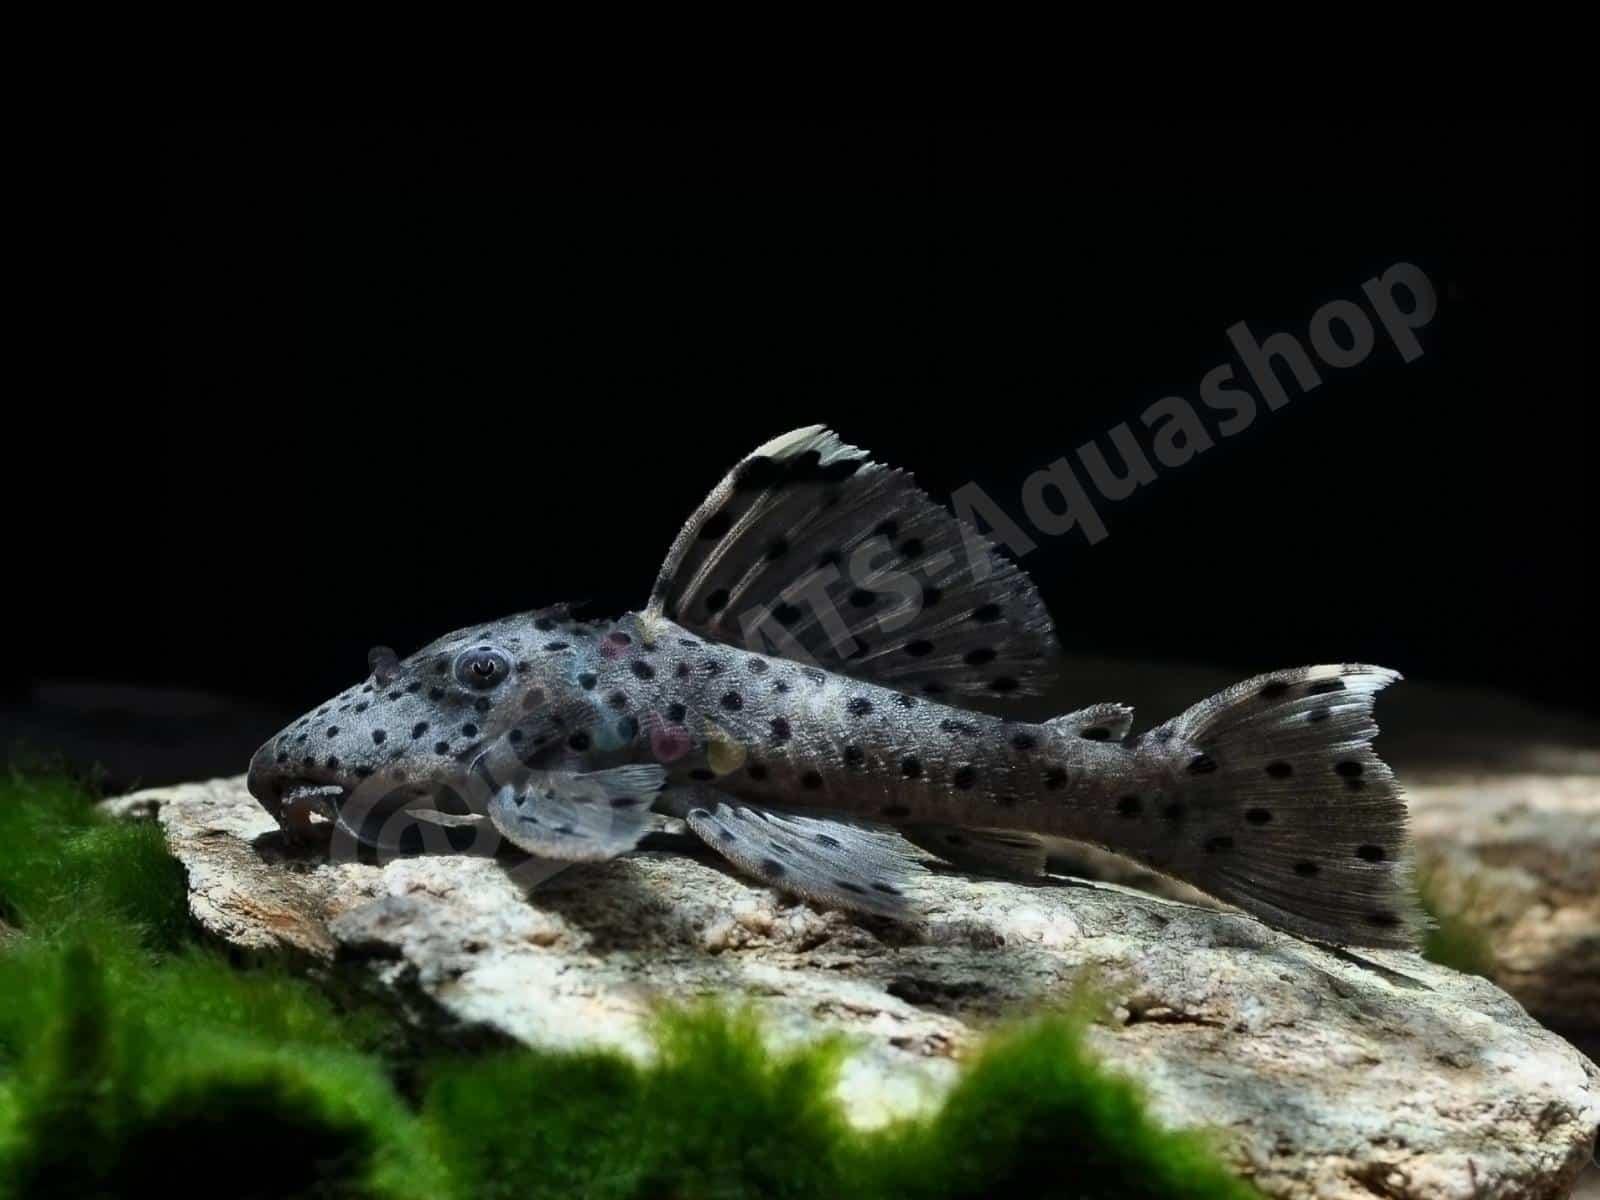 leporacanthicus joselimai l 264 enrico richter 0085 7